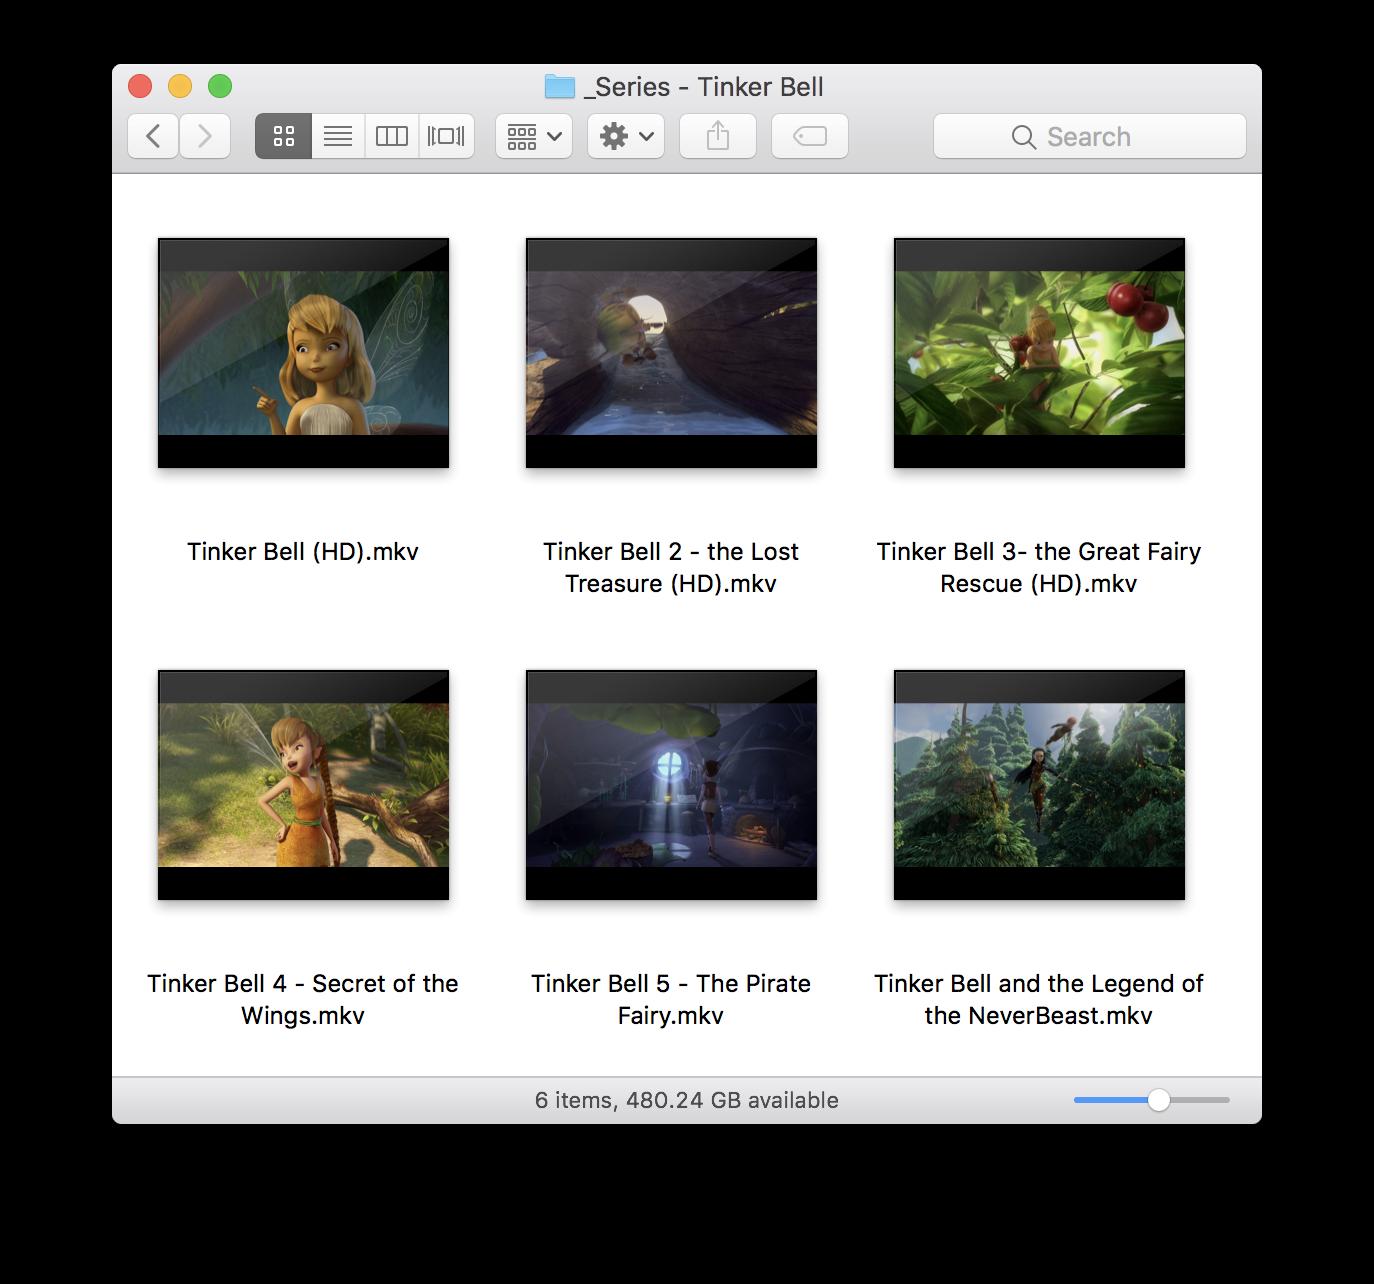 Invisor - Media file inspector for Mac